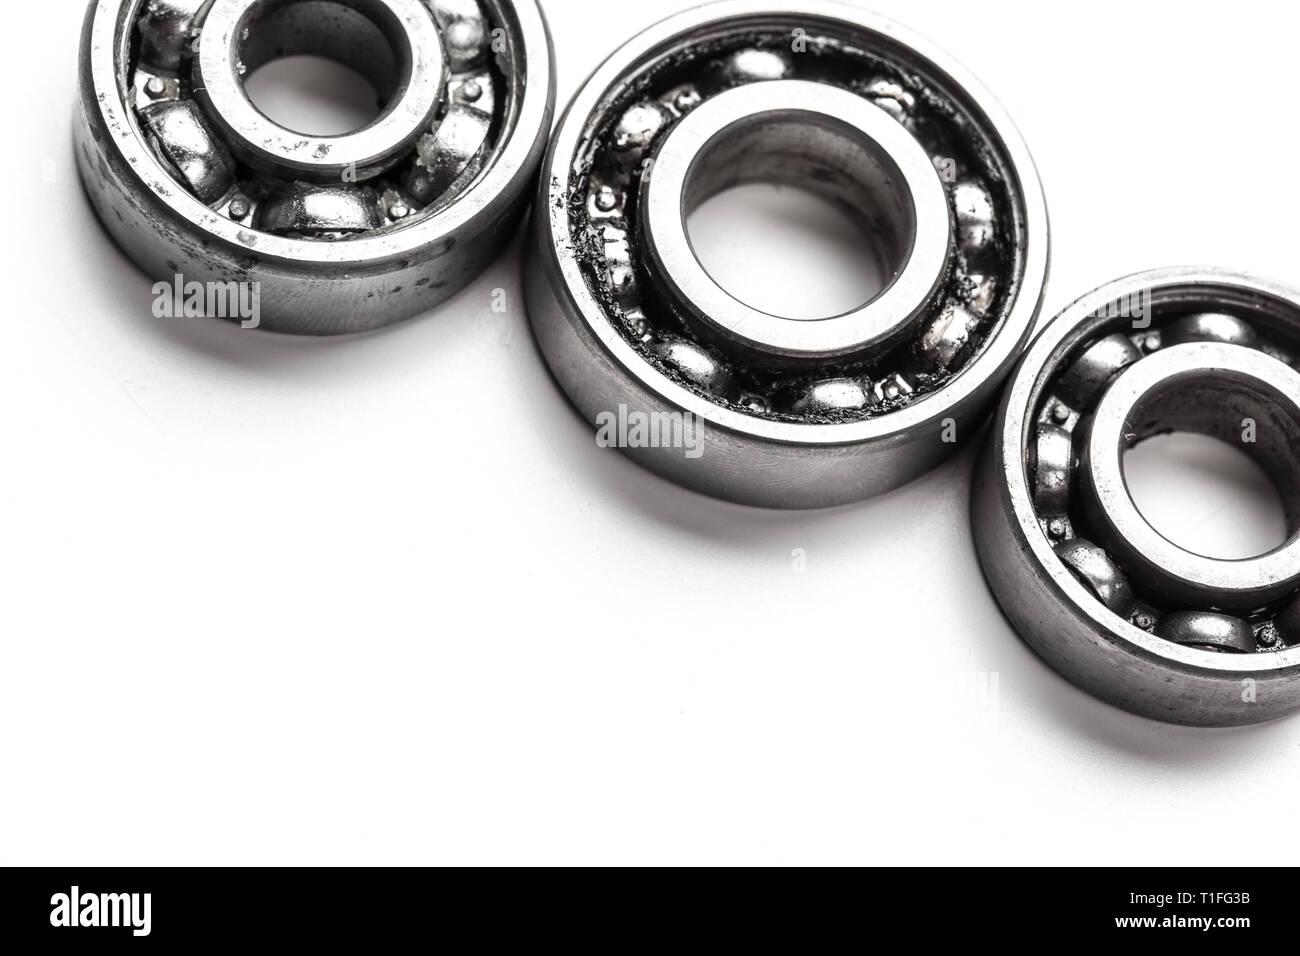 Ruote In Metallo.Ingranaggio Di Ruote Di Metallo Isolato Su Sfondo Bianco